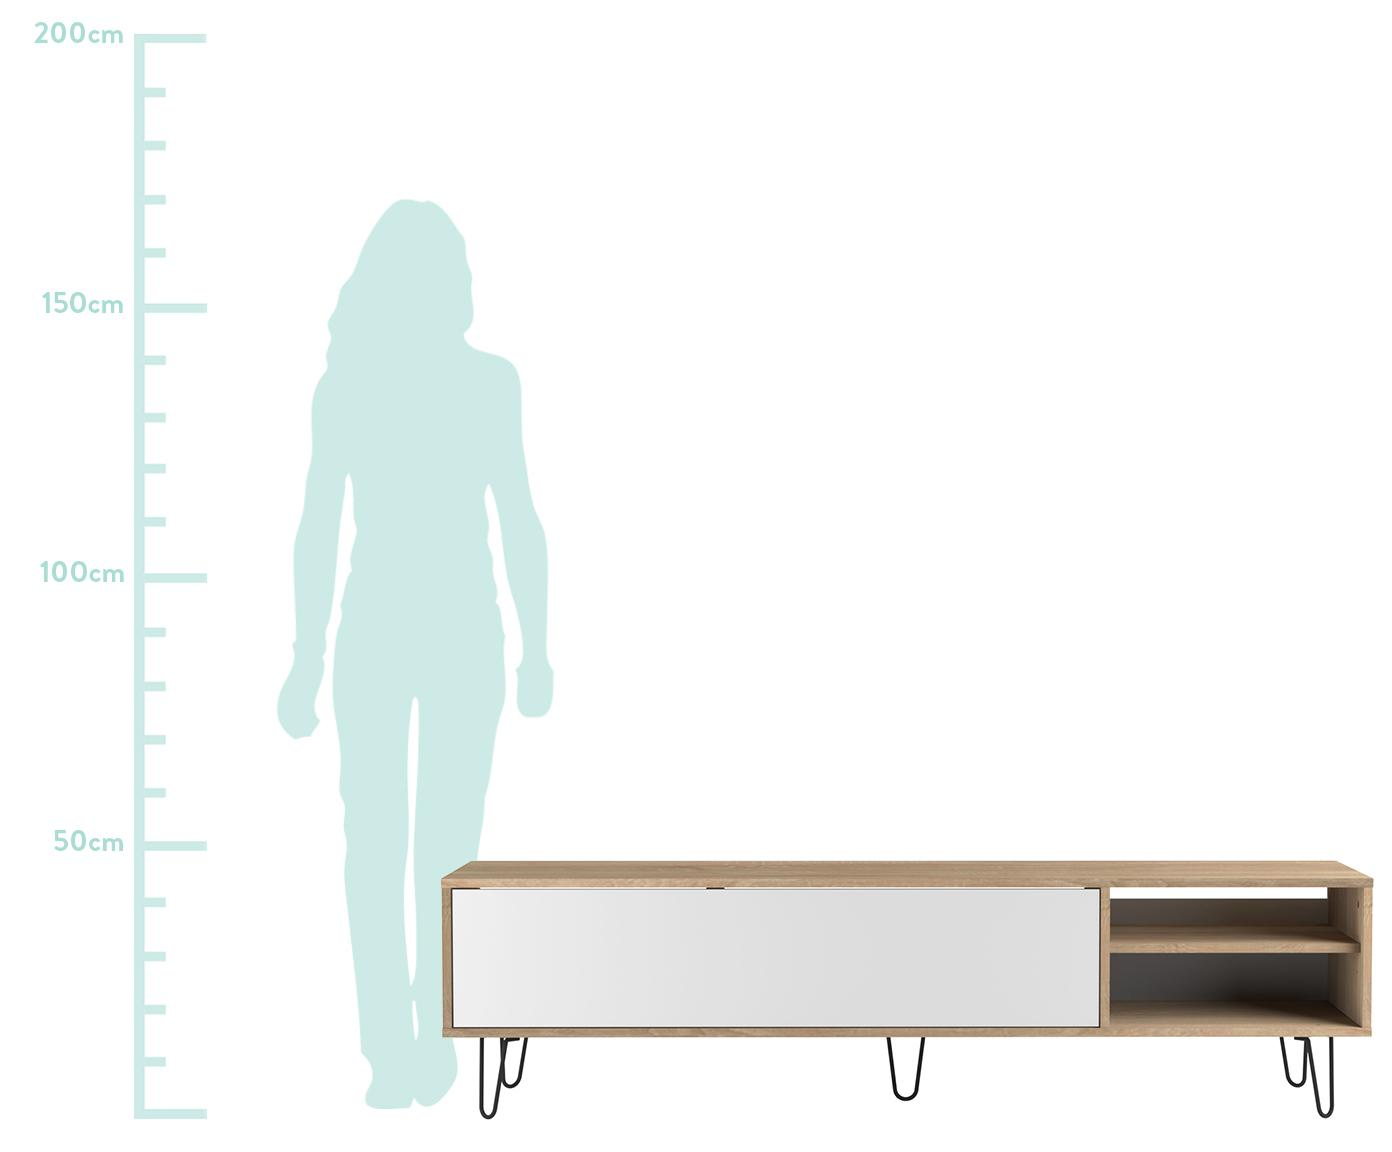 Szafka RTV z drzwiczkami Aero, Korpus: płyta wiórowa pokryta mel, Nogi: metal lakierowany, Drewno dębowe, biały, S 165 x W 44 cm